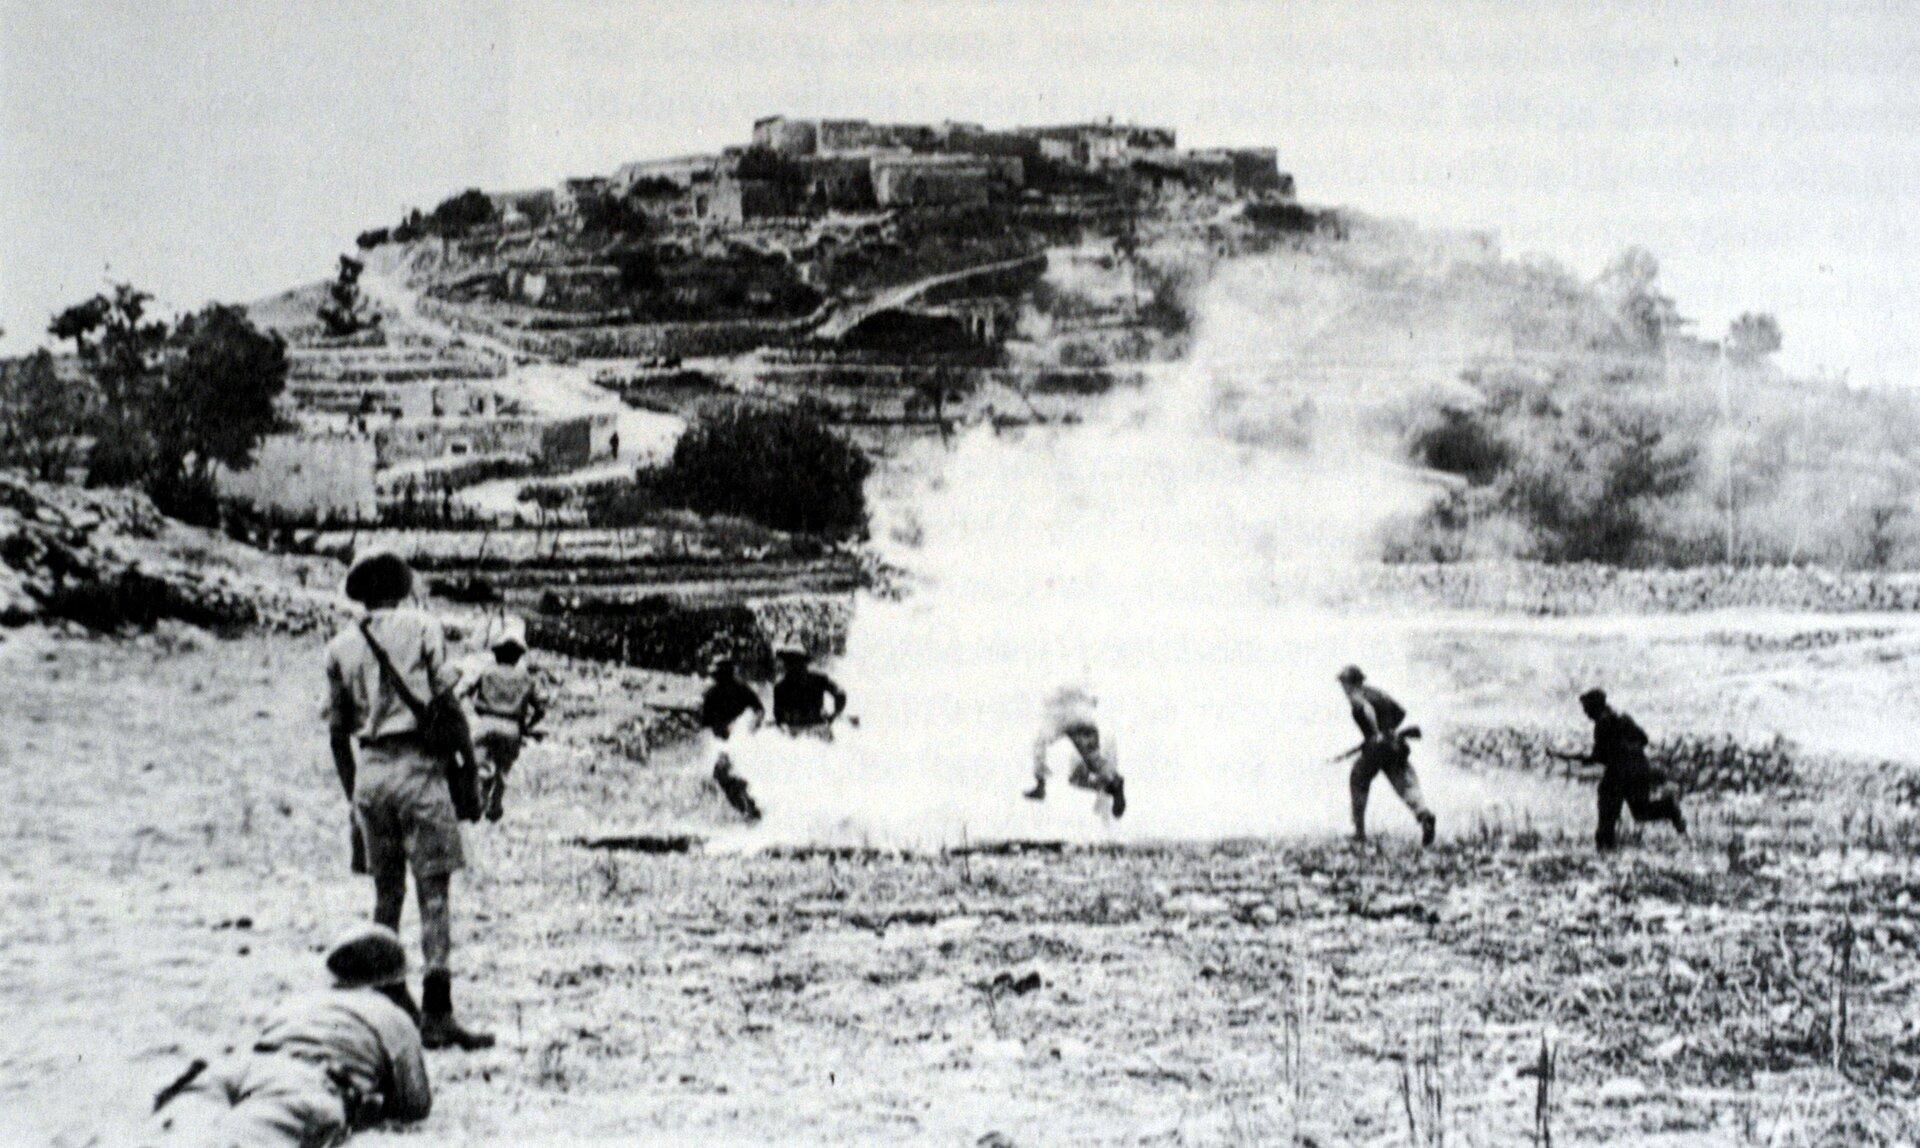 Działania zbrojne podczas wojny sześciodniowej Źródło: Działania zbrojne podczas wojny sześciodniowej, Fotografia, domena publiczna.